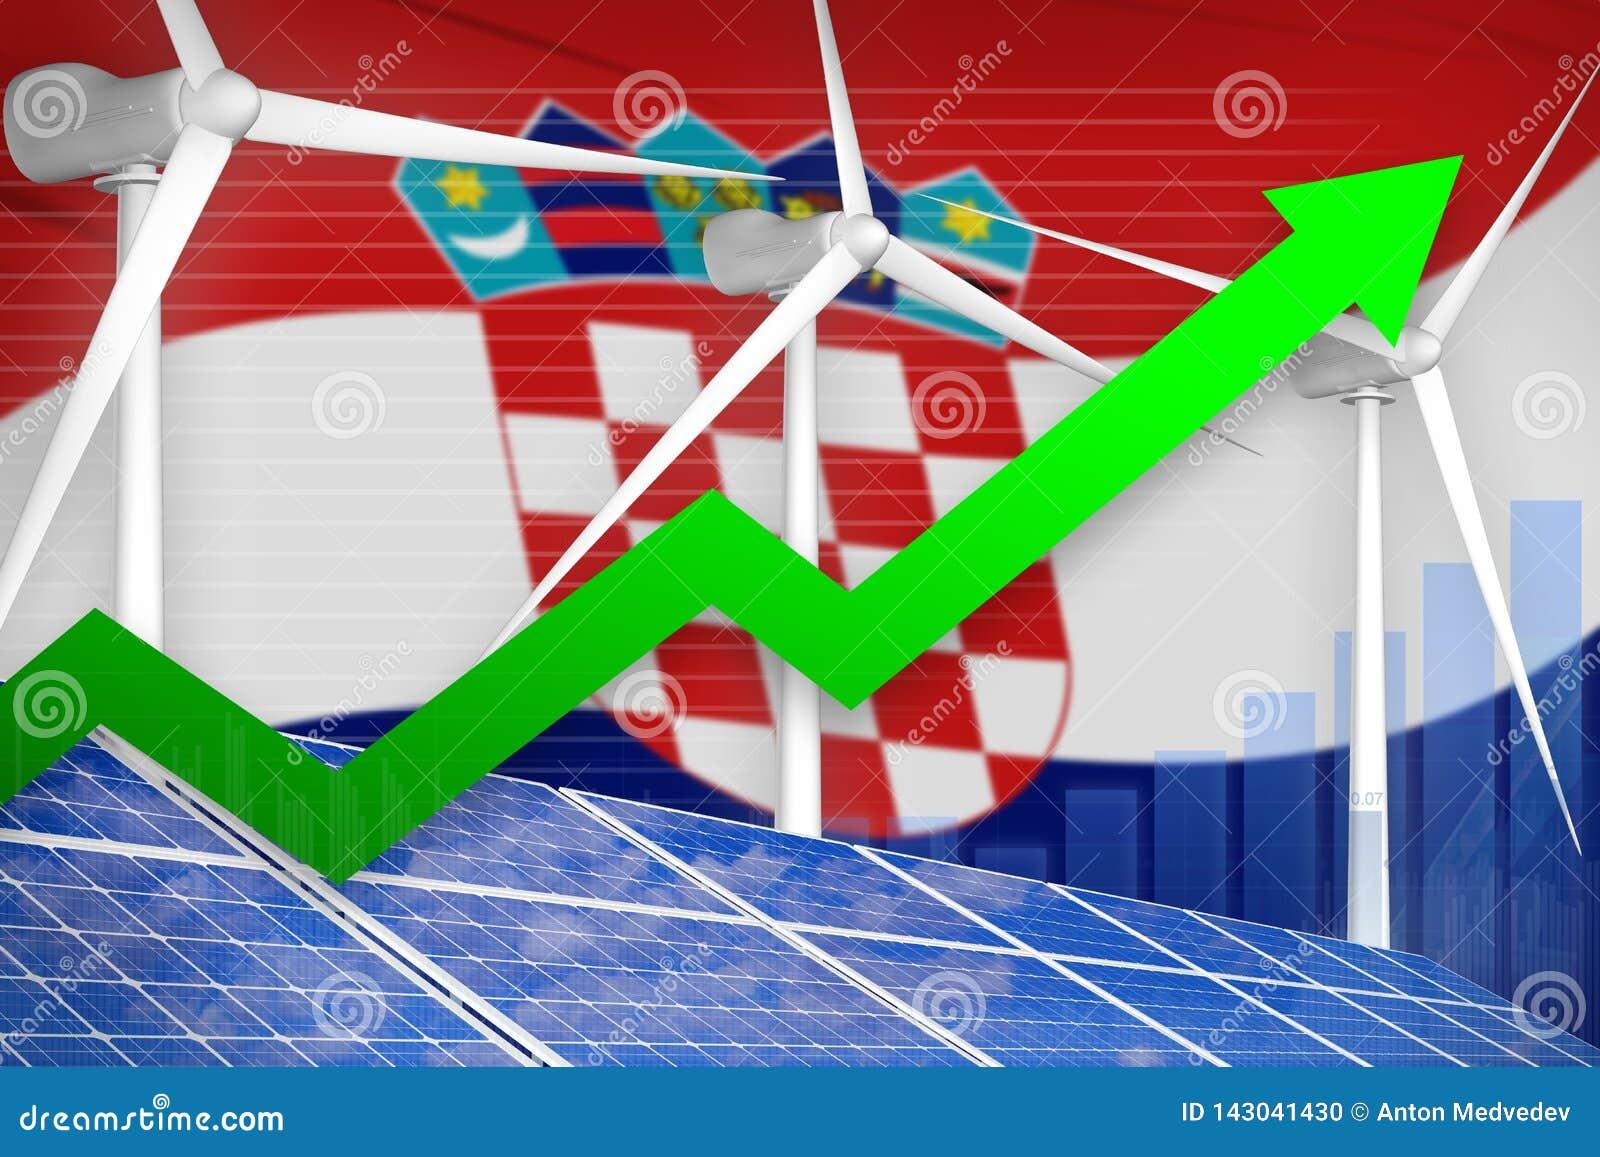 Sol- Kroatien och diagram för resning för vindenergi, pil upp - modern industriell illustration för naturlig energi illustration